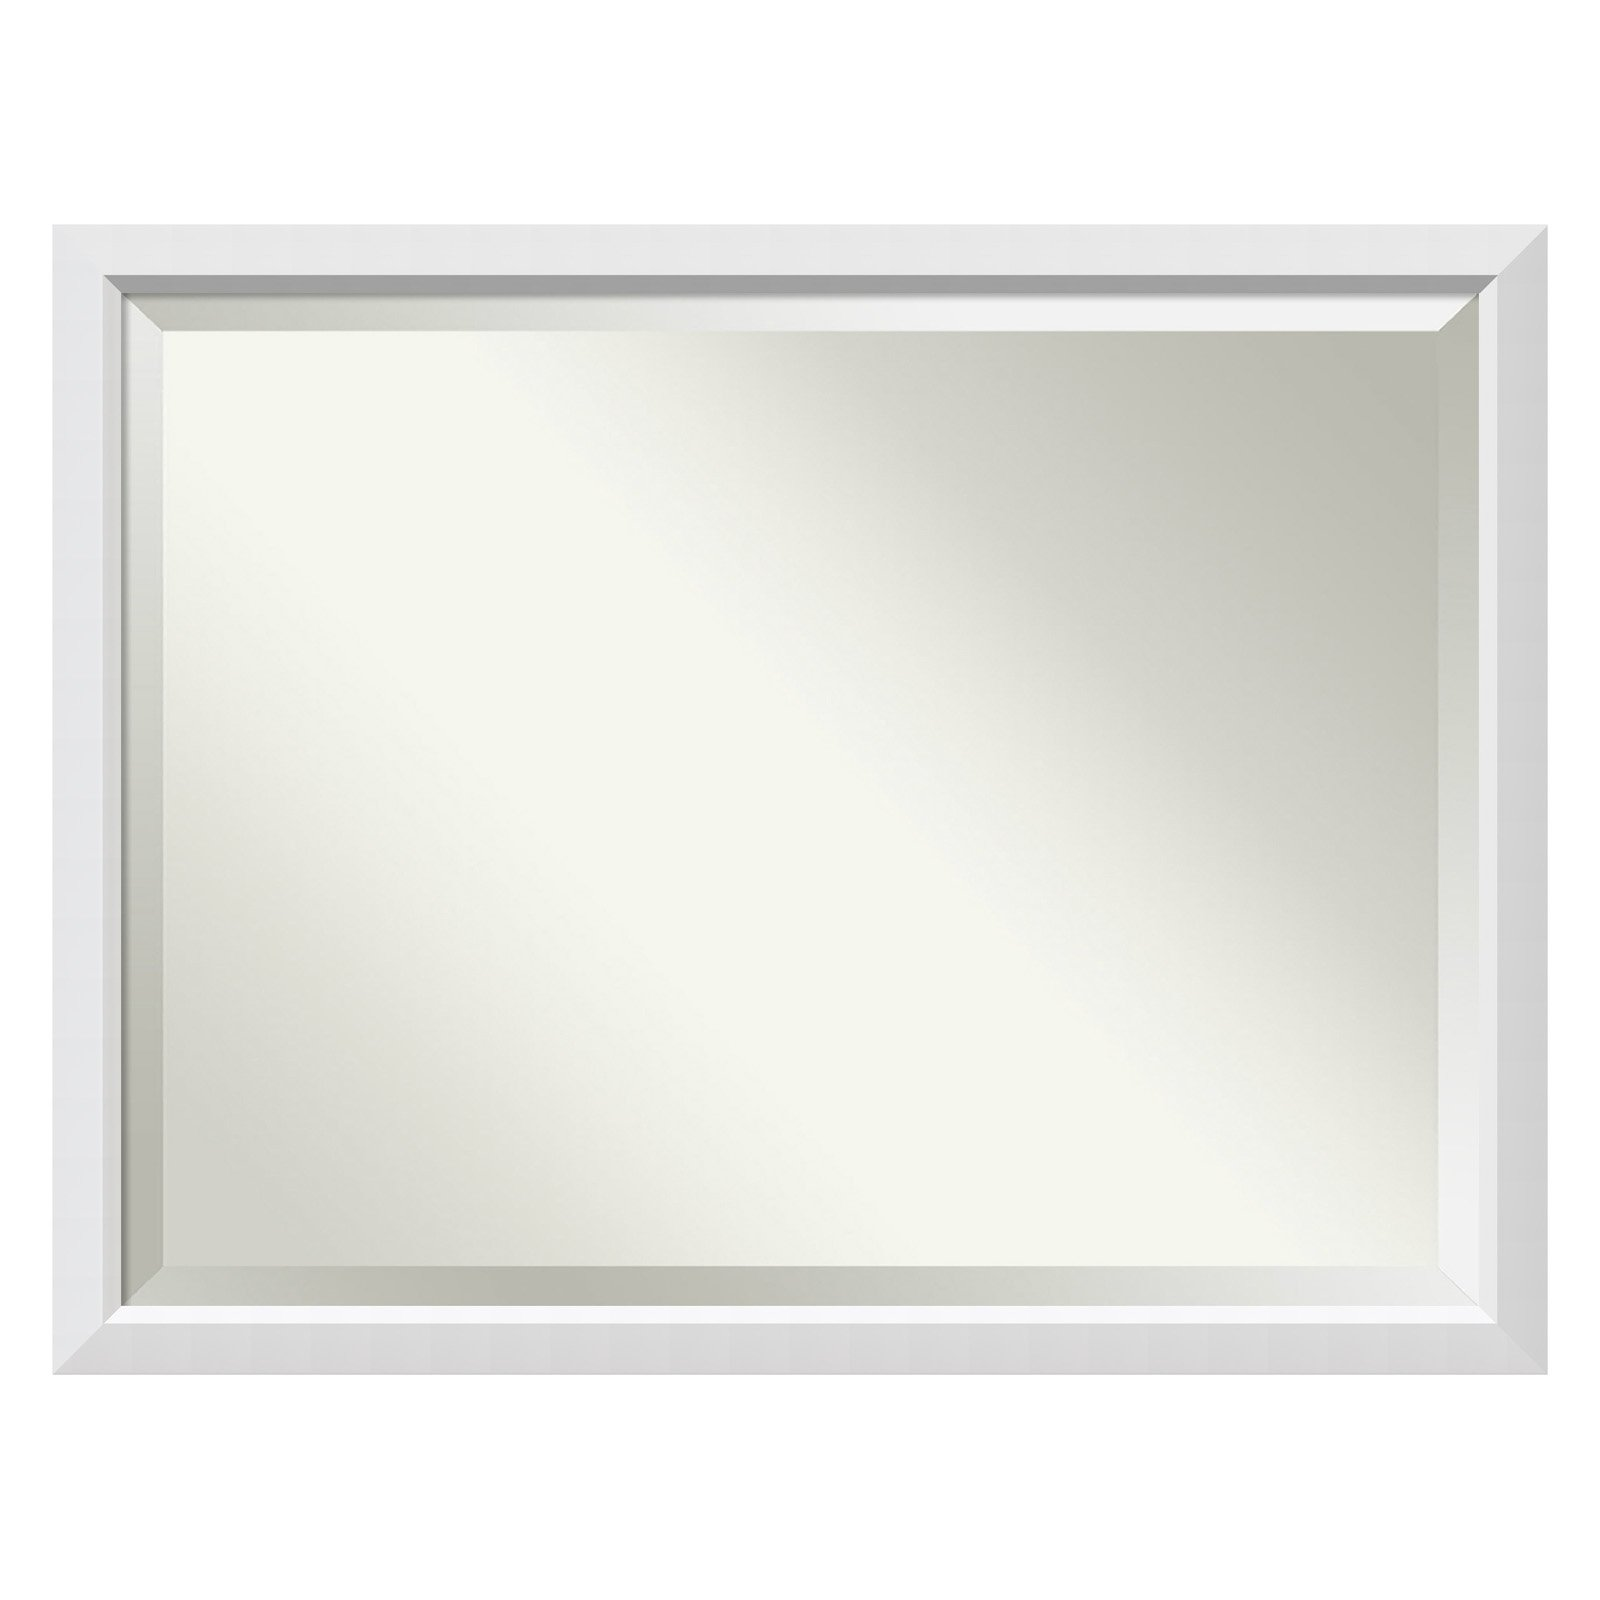 Amanti Art Blanco Bathroom Mirror by Amanti Art